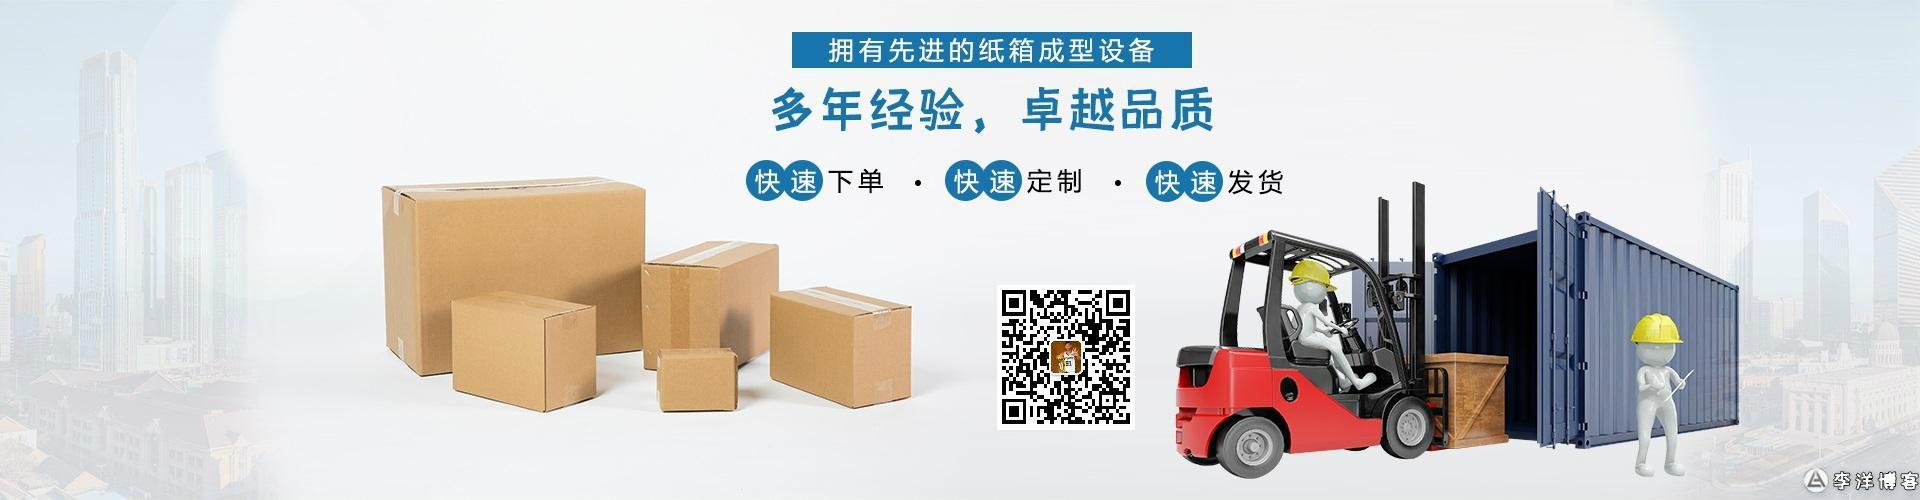 哈尔滨纸箱厂